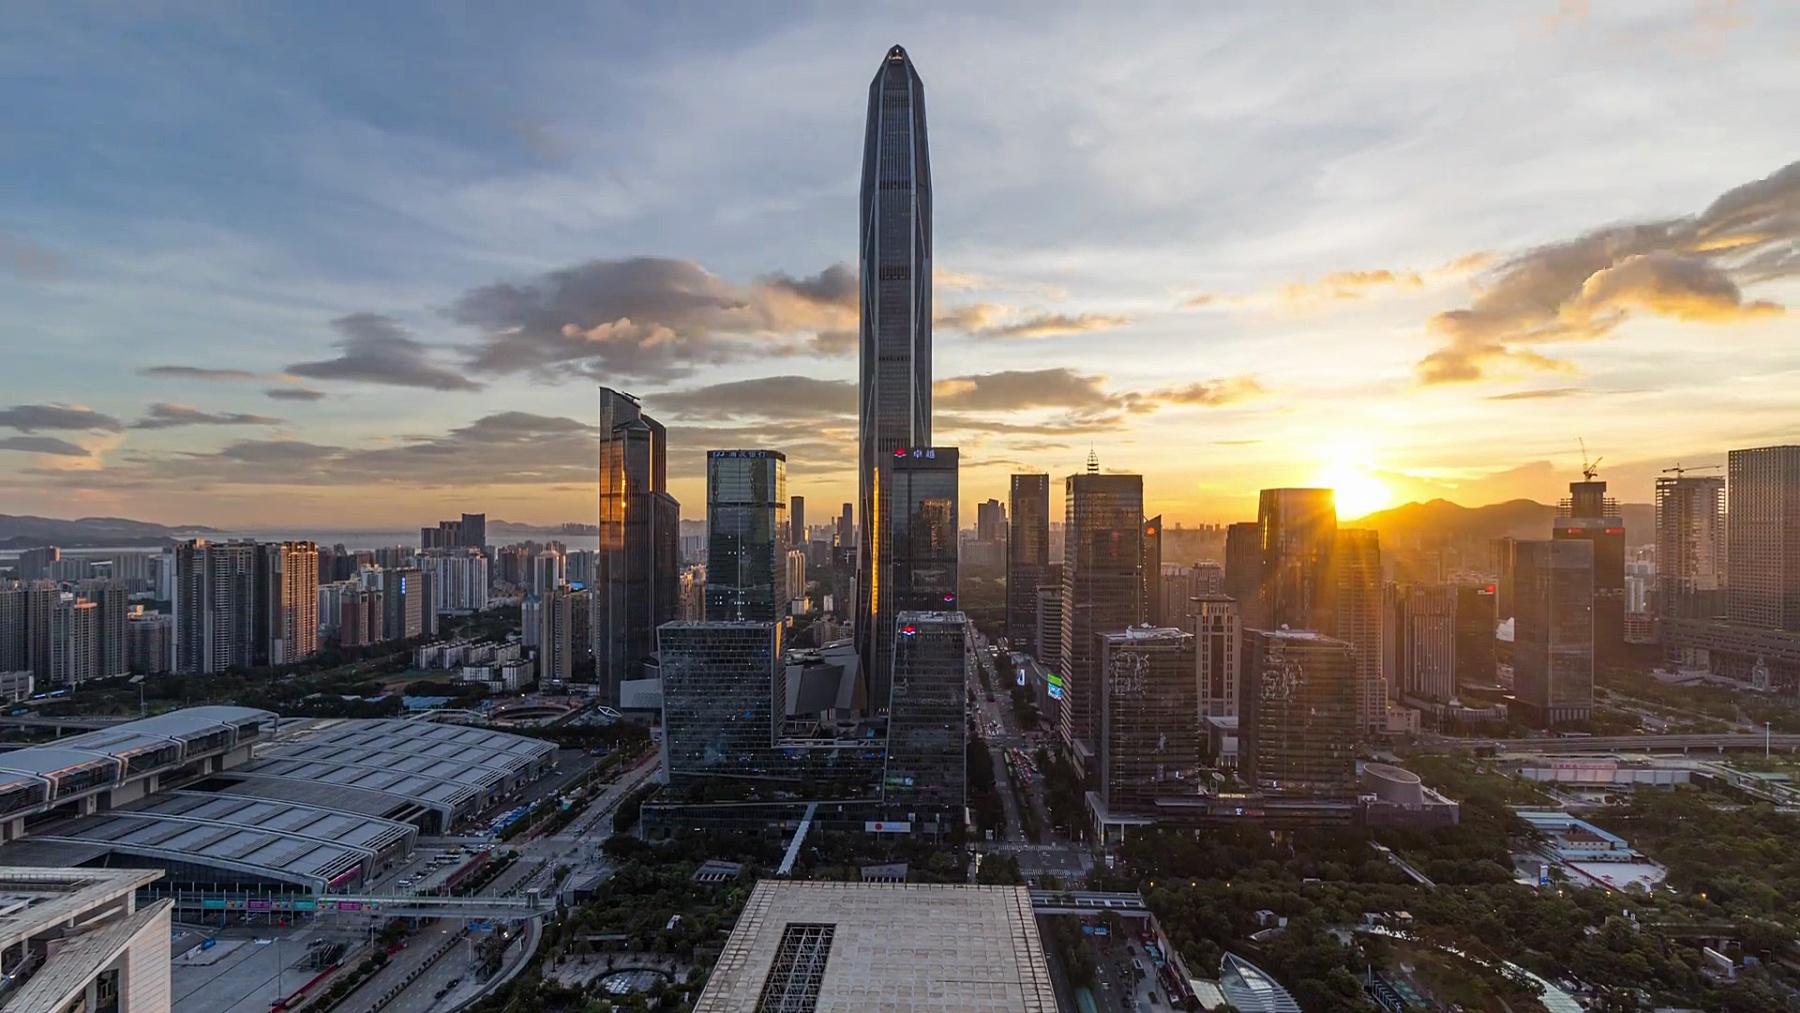 T/L WS HA TU深圳平安金融中心和福田CBD天际线从黄昏到晚上/中国深圳